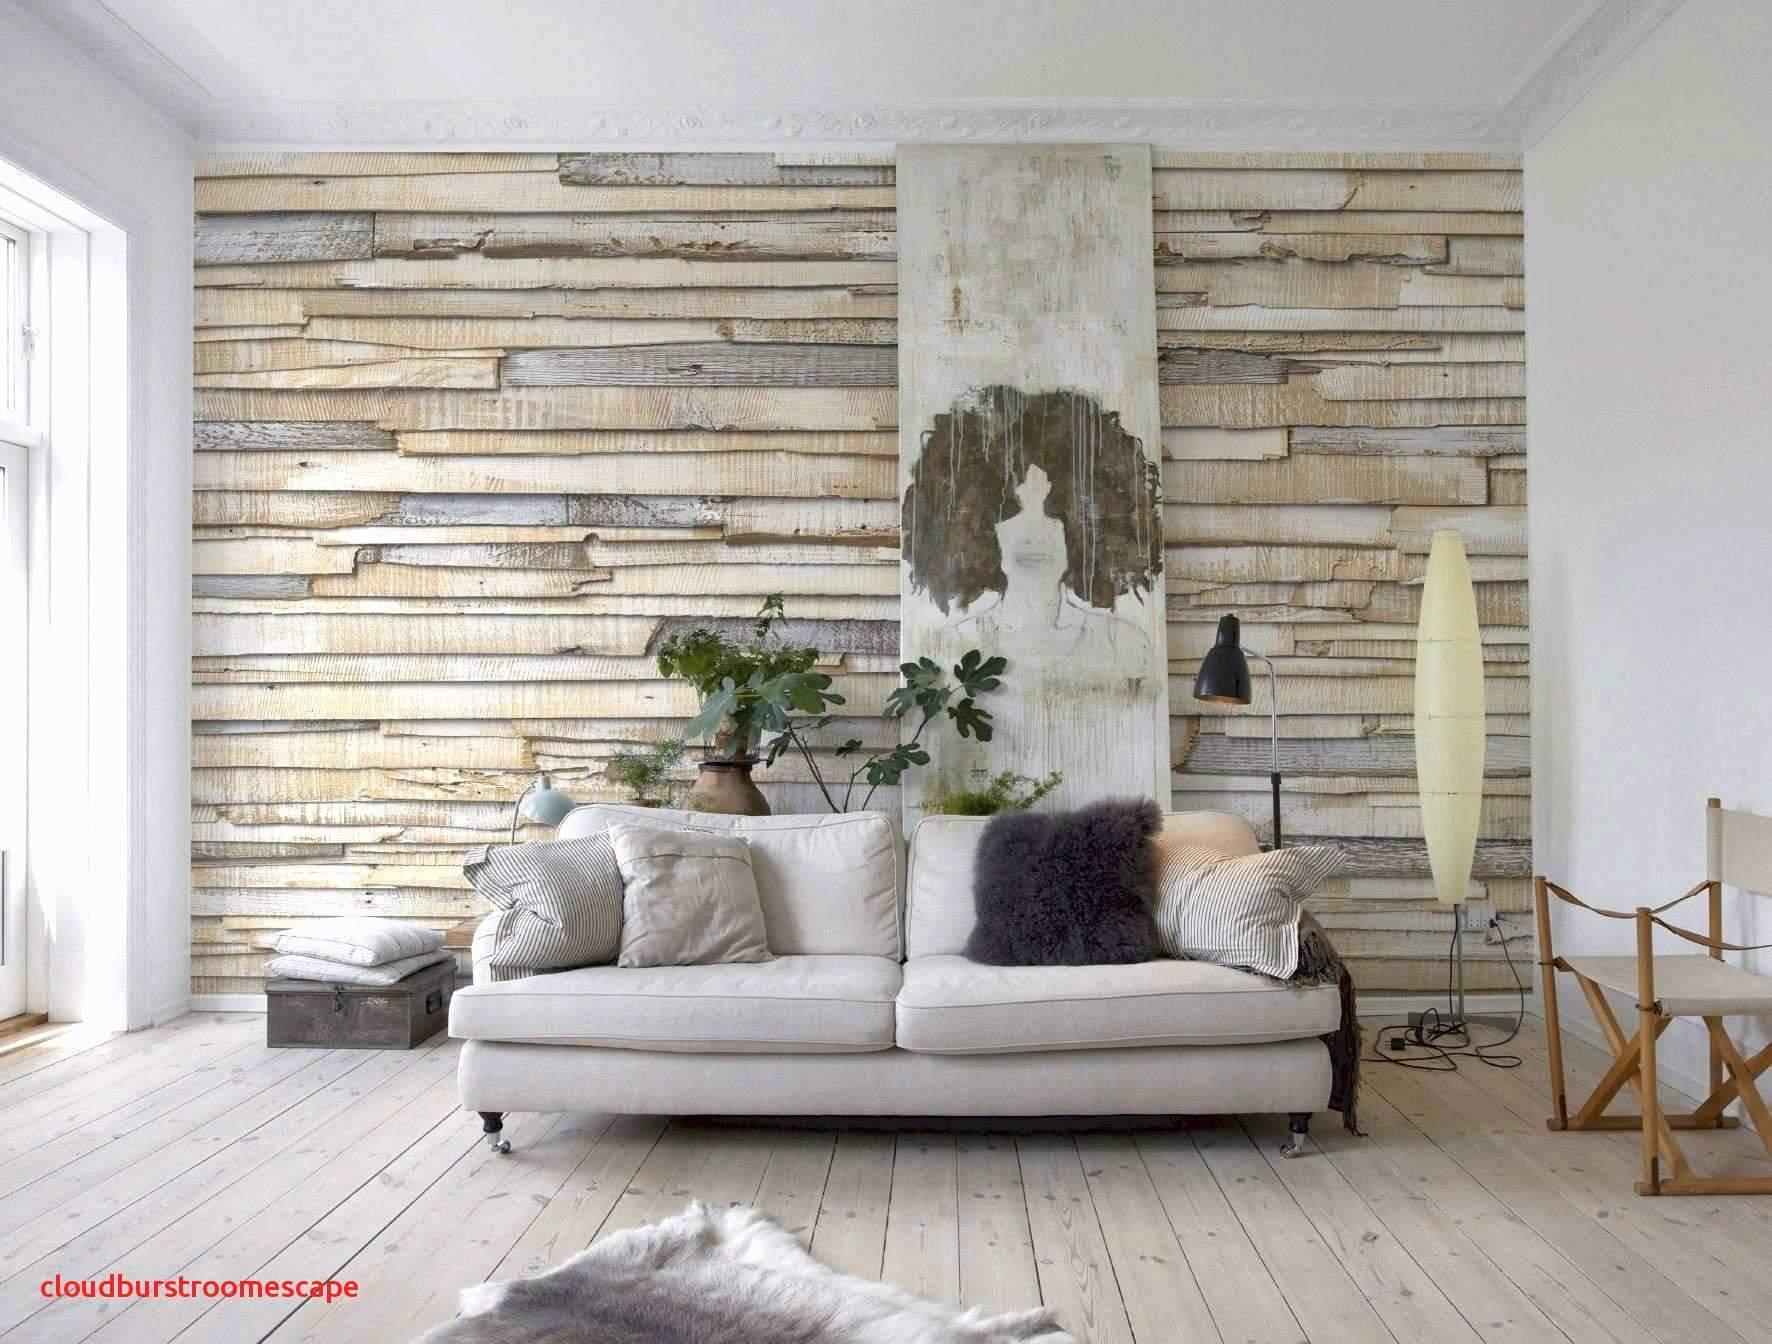 wohnzimmer beleuchtung ideen frisch 50 beste von licht ideen wohnzimmer design of wohnzimmer beleuchtung ideen